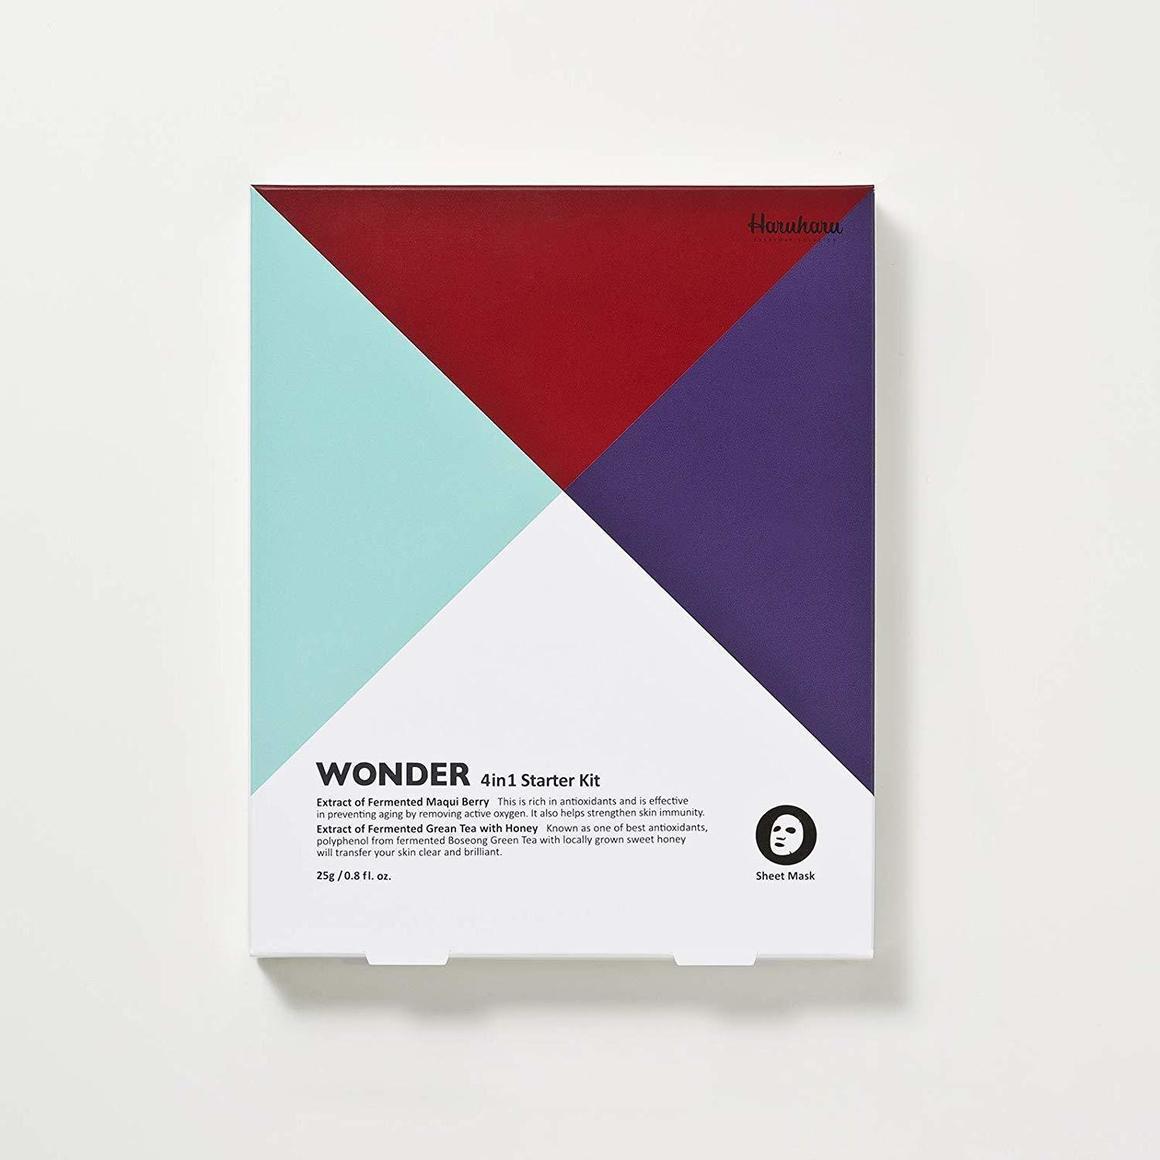 Haruharu Wonder Sheet Mask Starter Kit (4 sheets) | Trada Marketplace